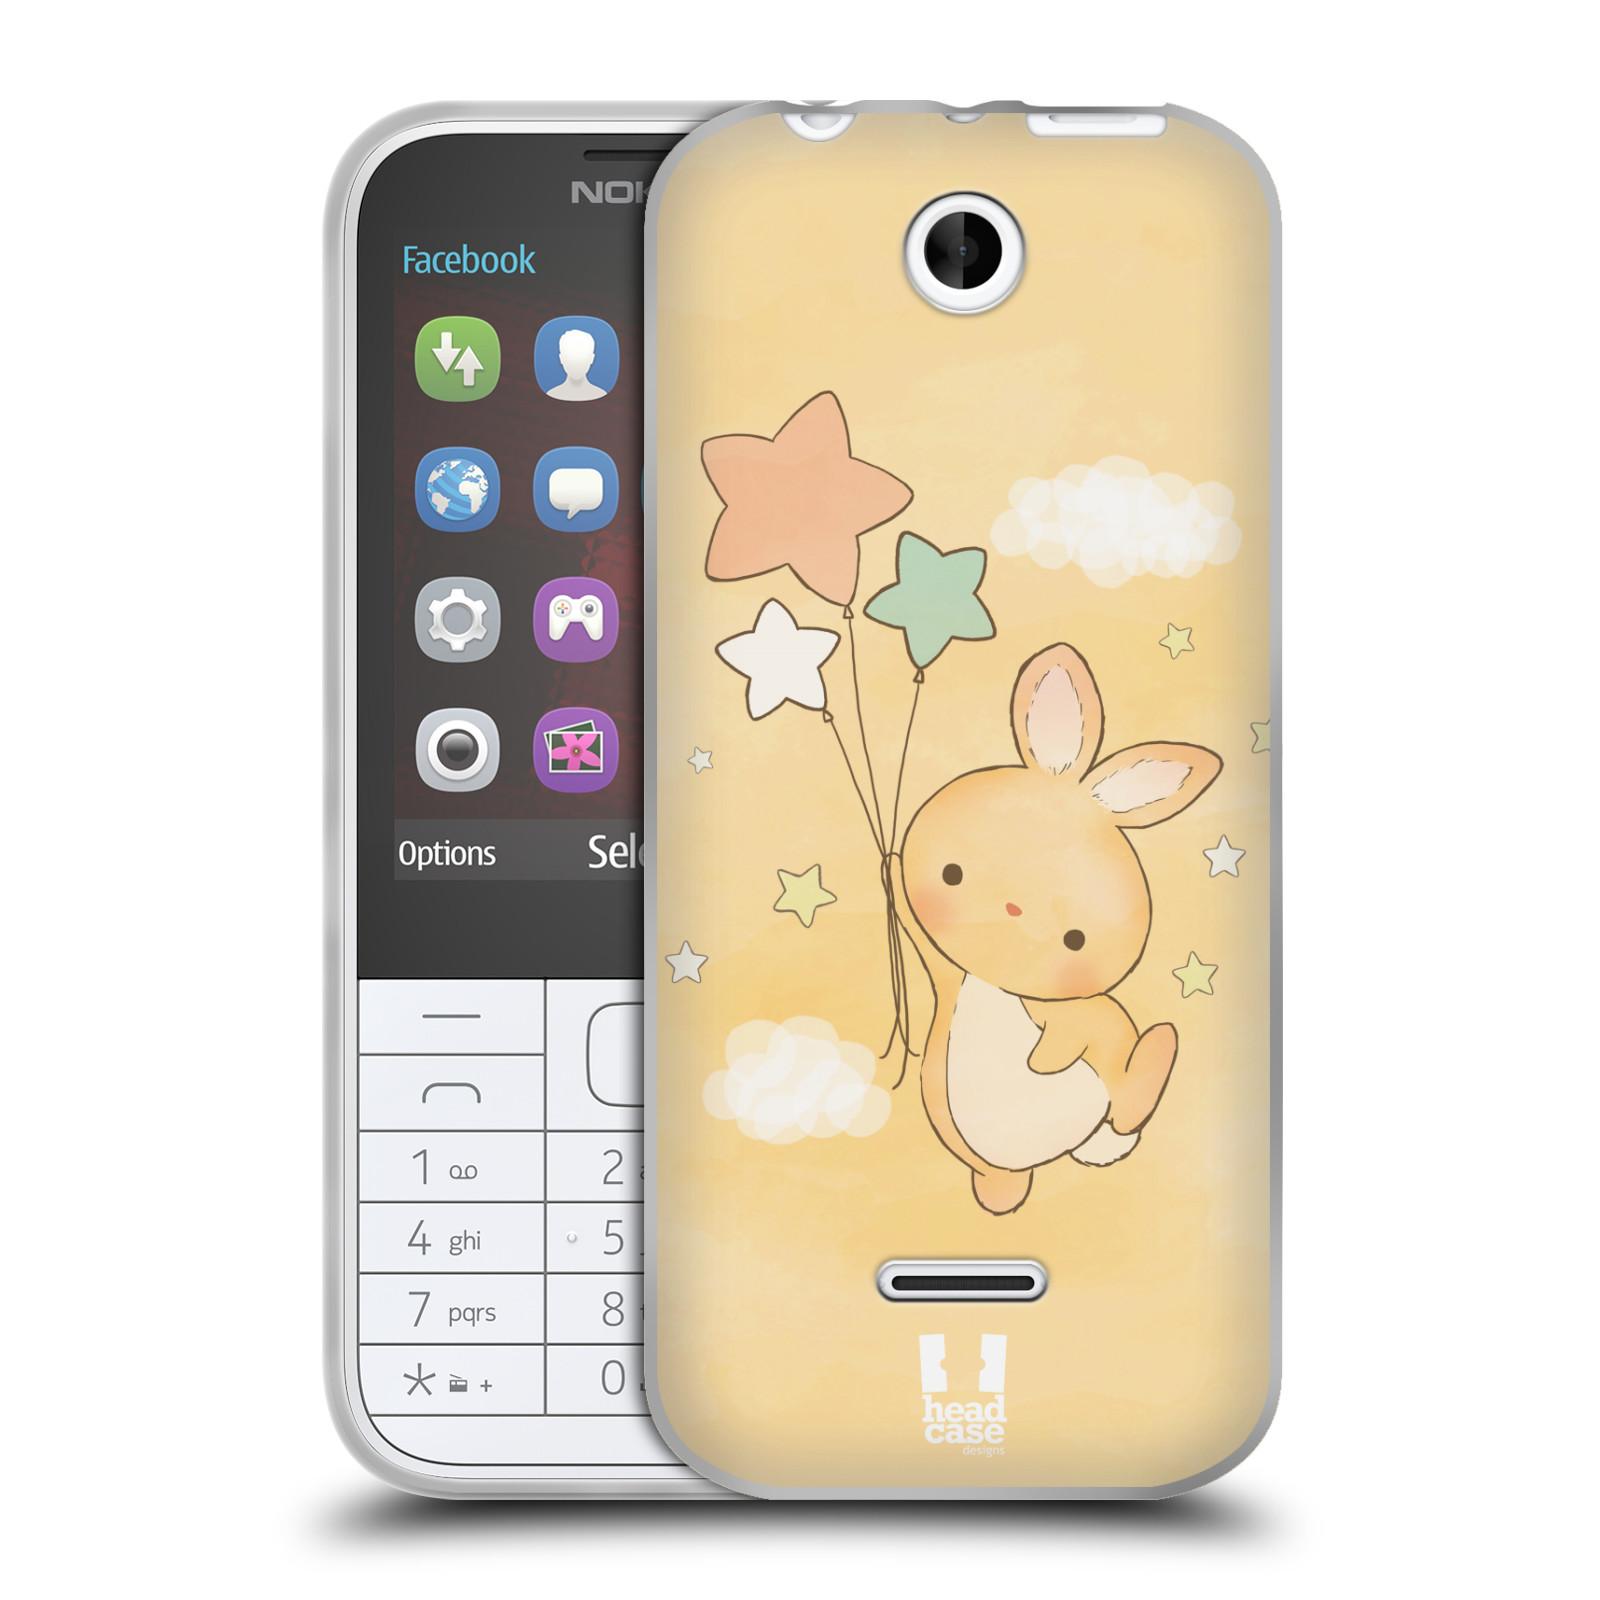 HEAD CASE silikonový obal na mobil NOKIA 225 / NOKIA 225 DUAL SIM vzor králíček a hvězdy žlutá